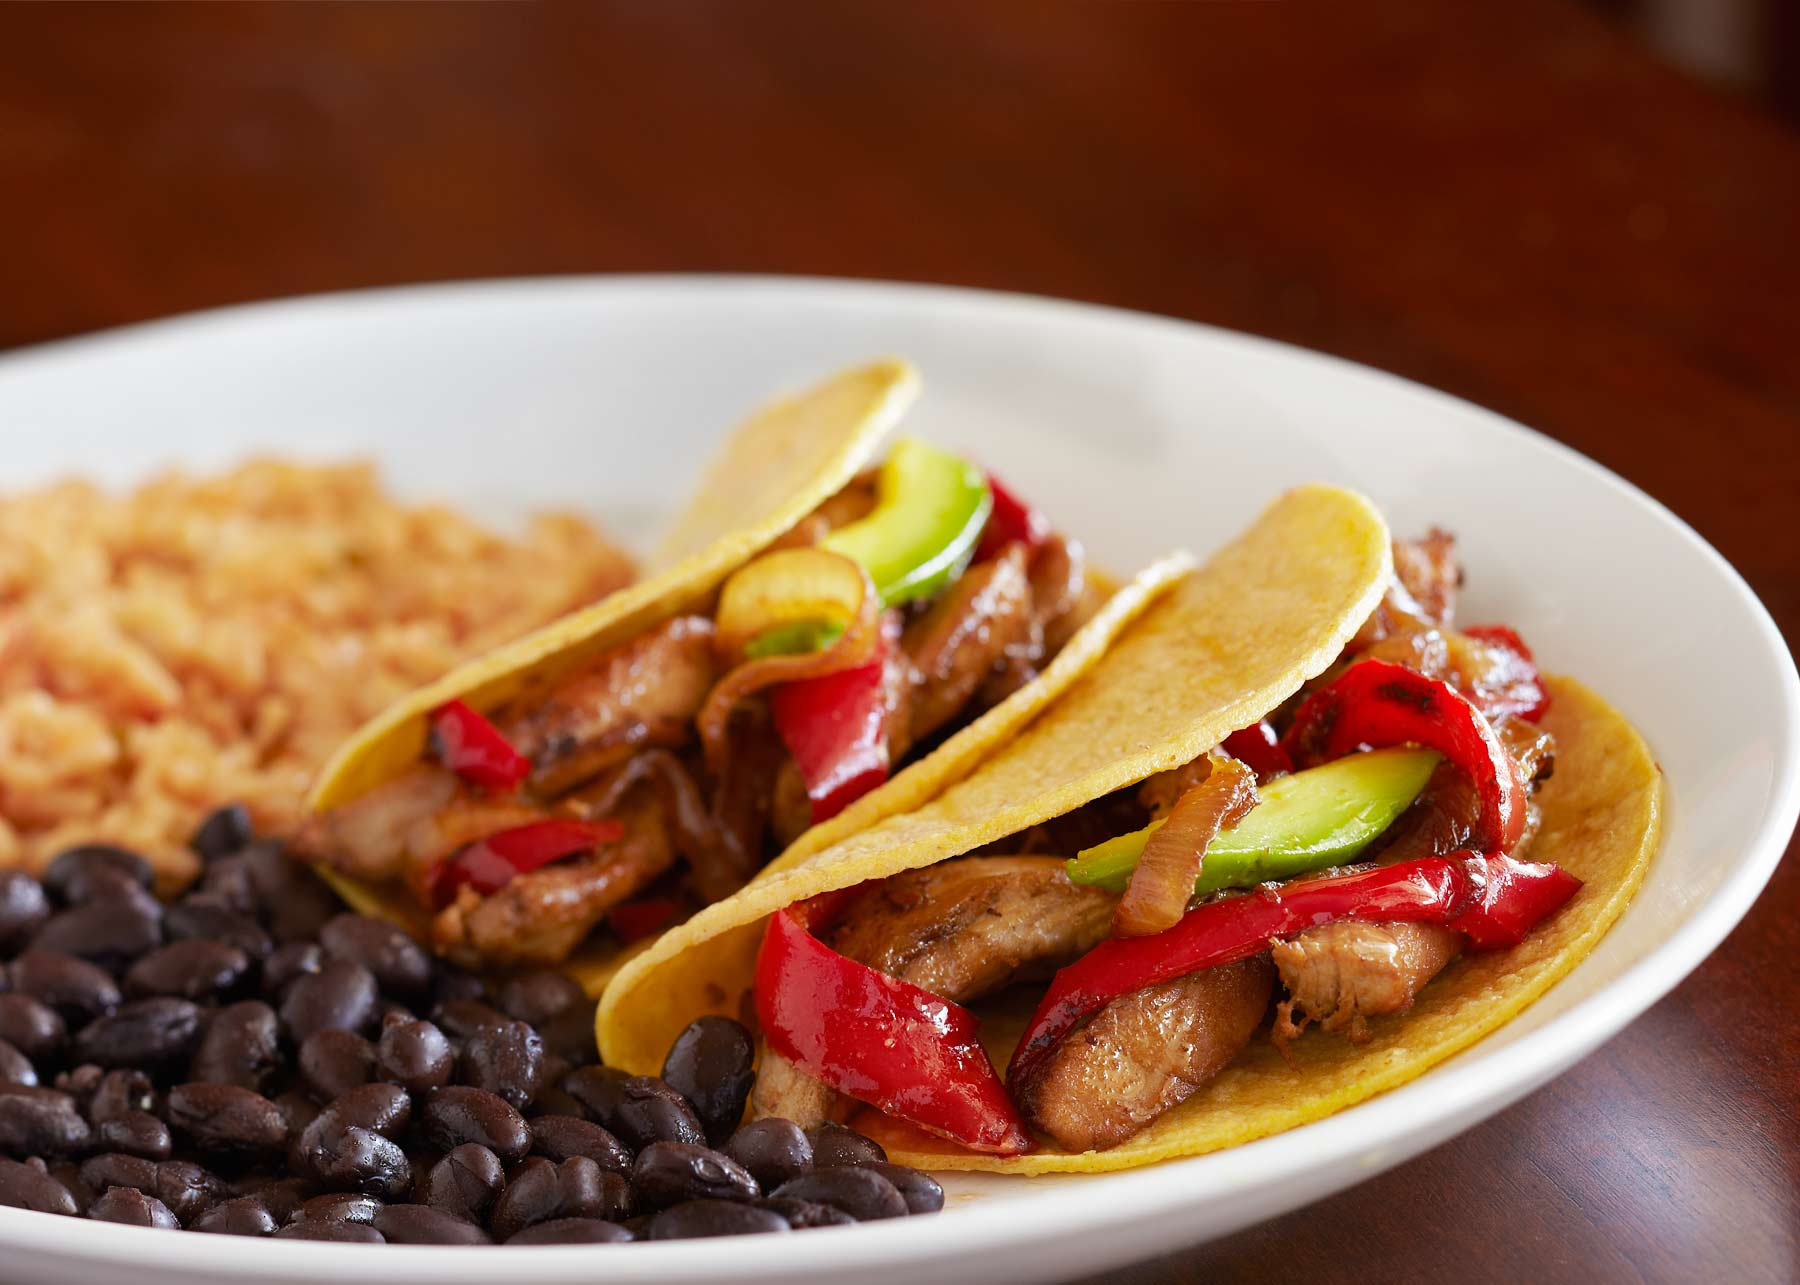 quick chicken fajitas, beans and spanish rice